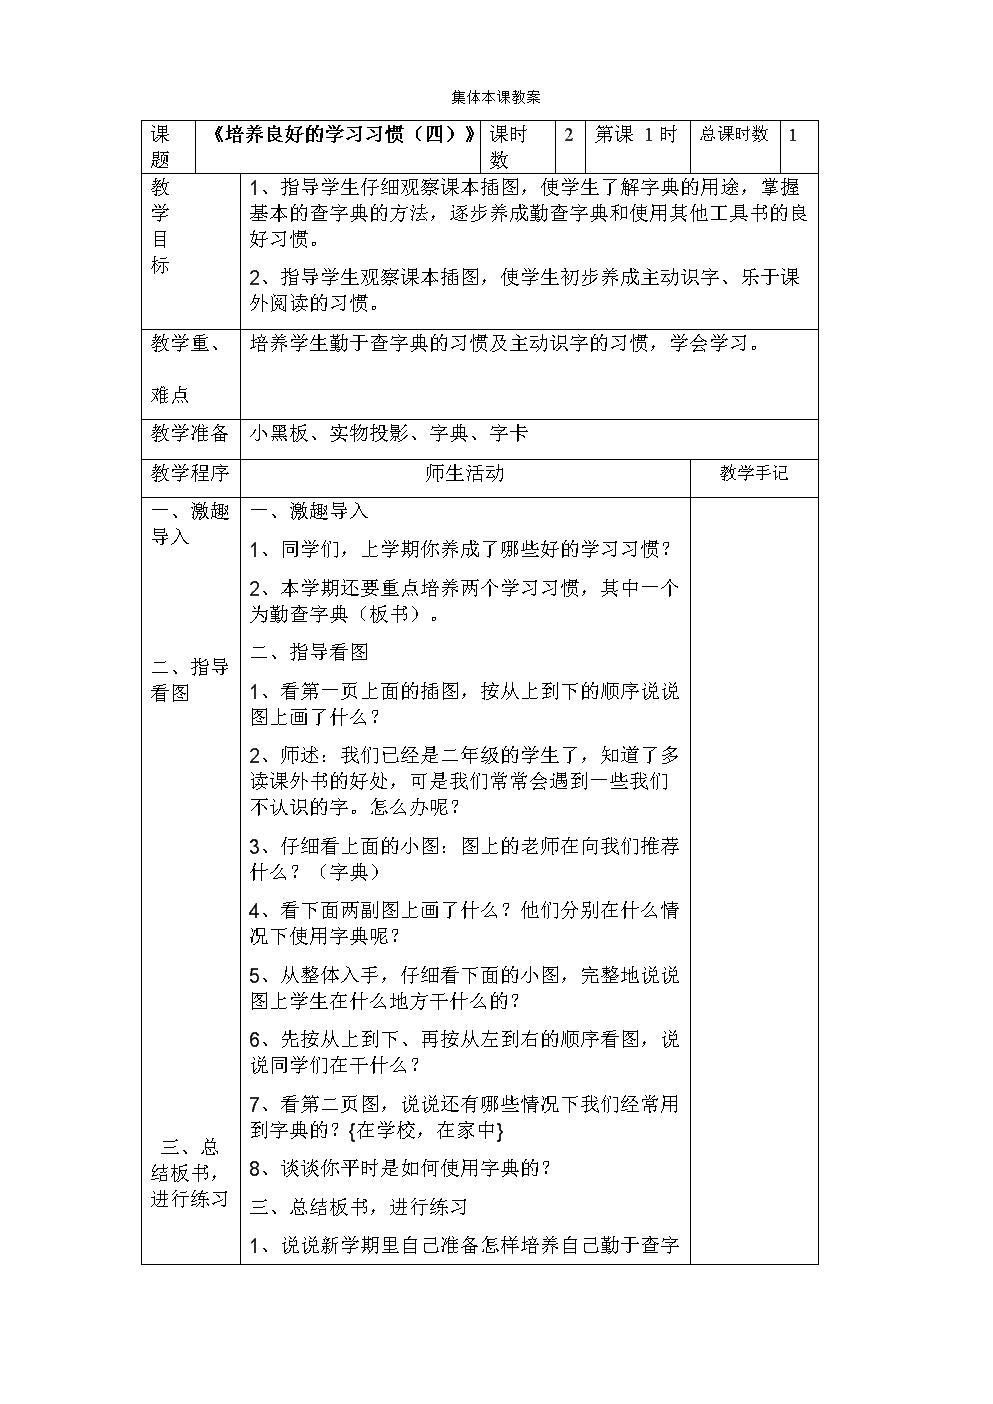 苏教版小学二年级语文下册教案全册.doc